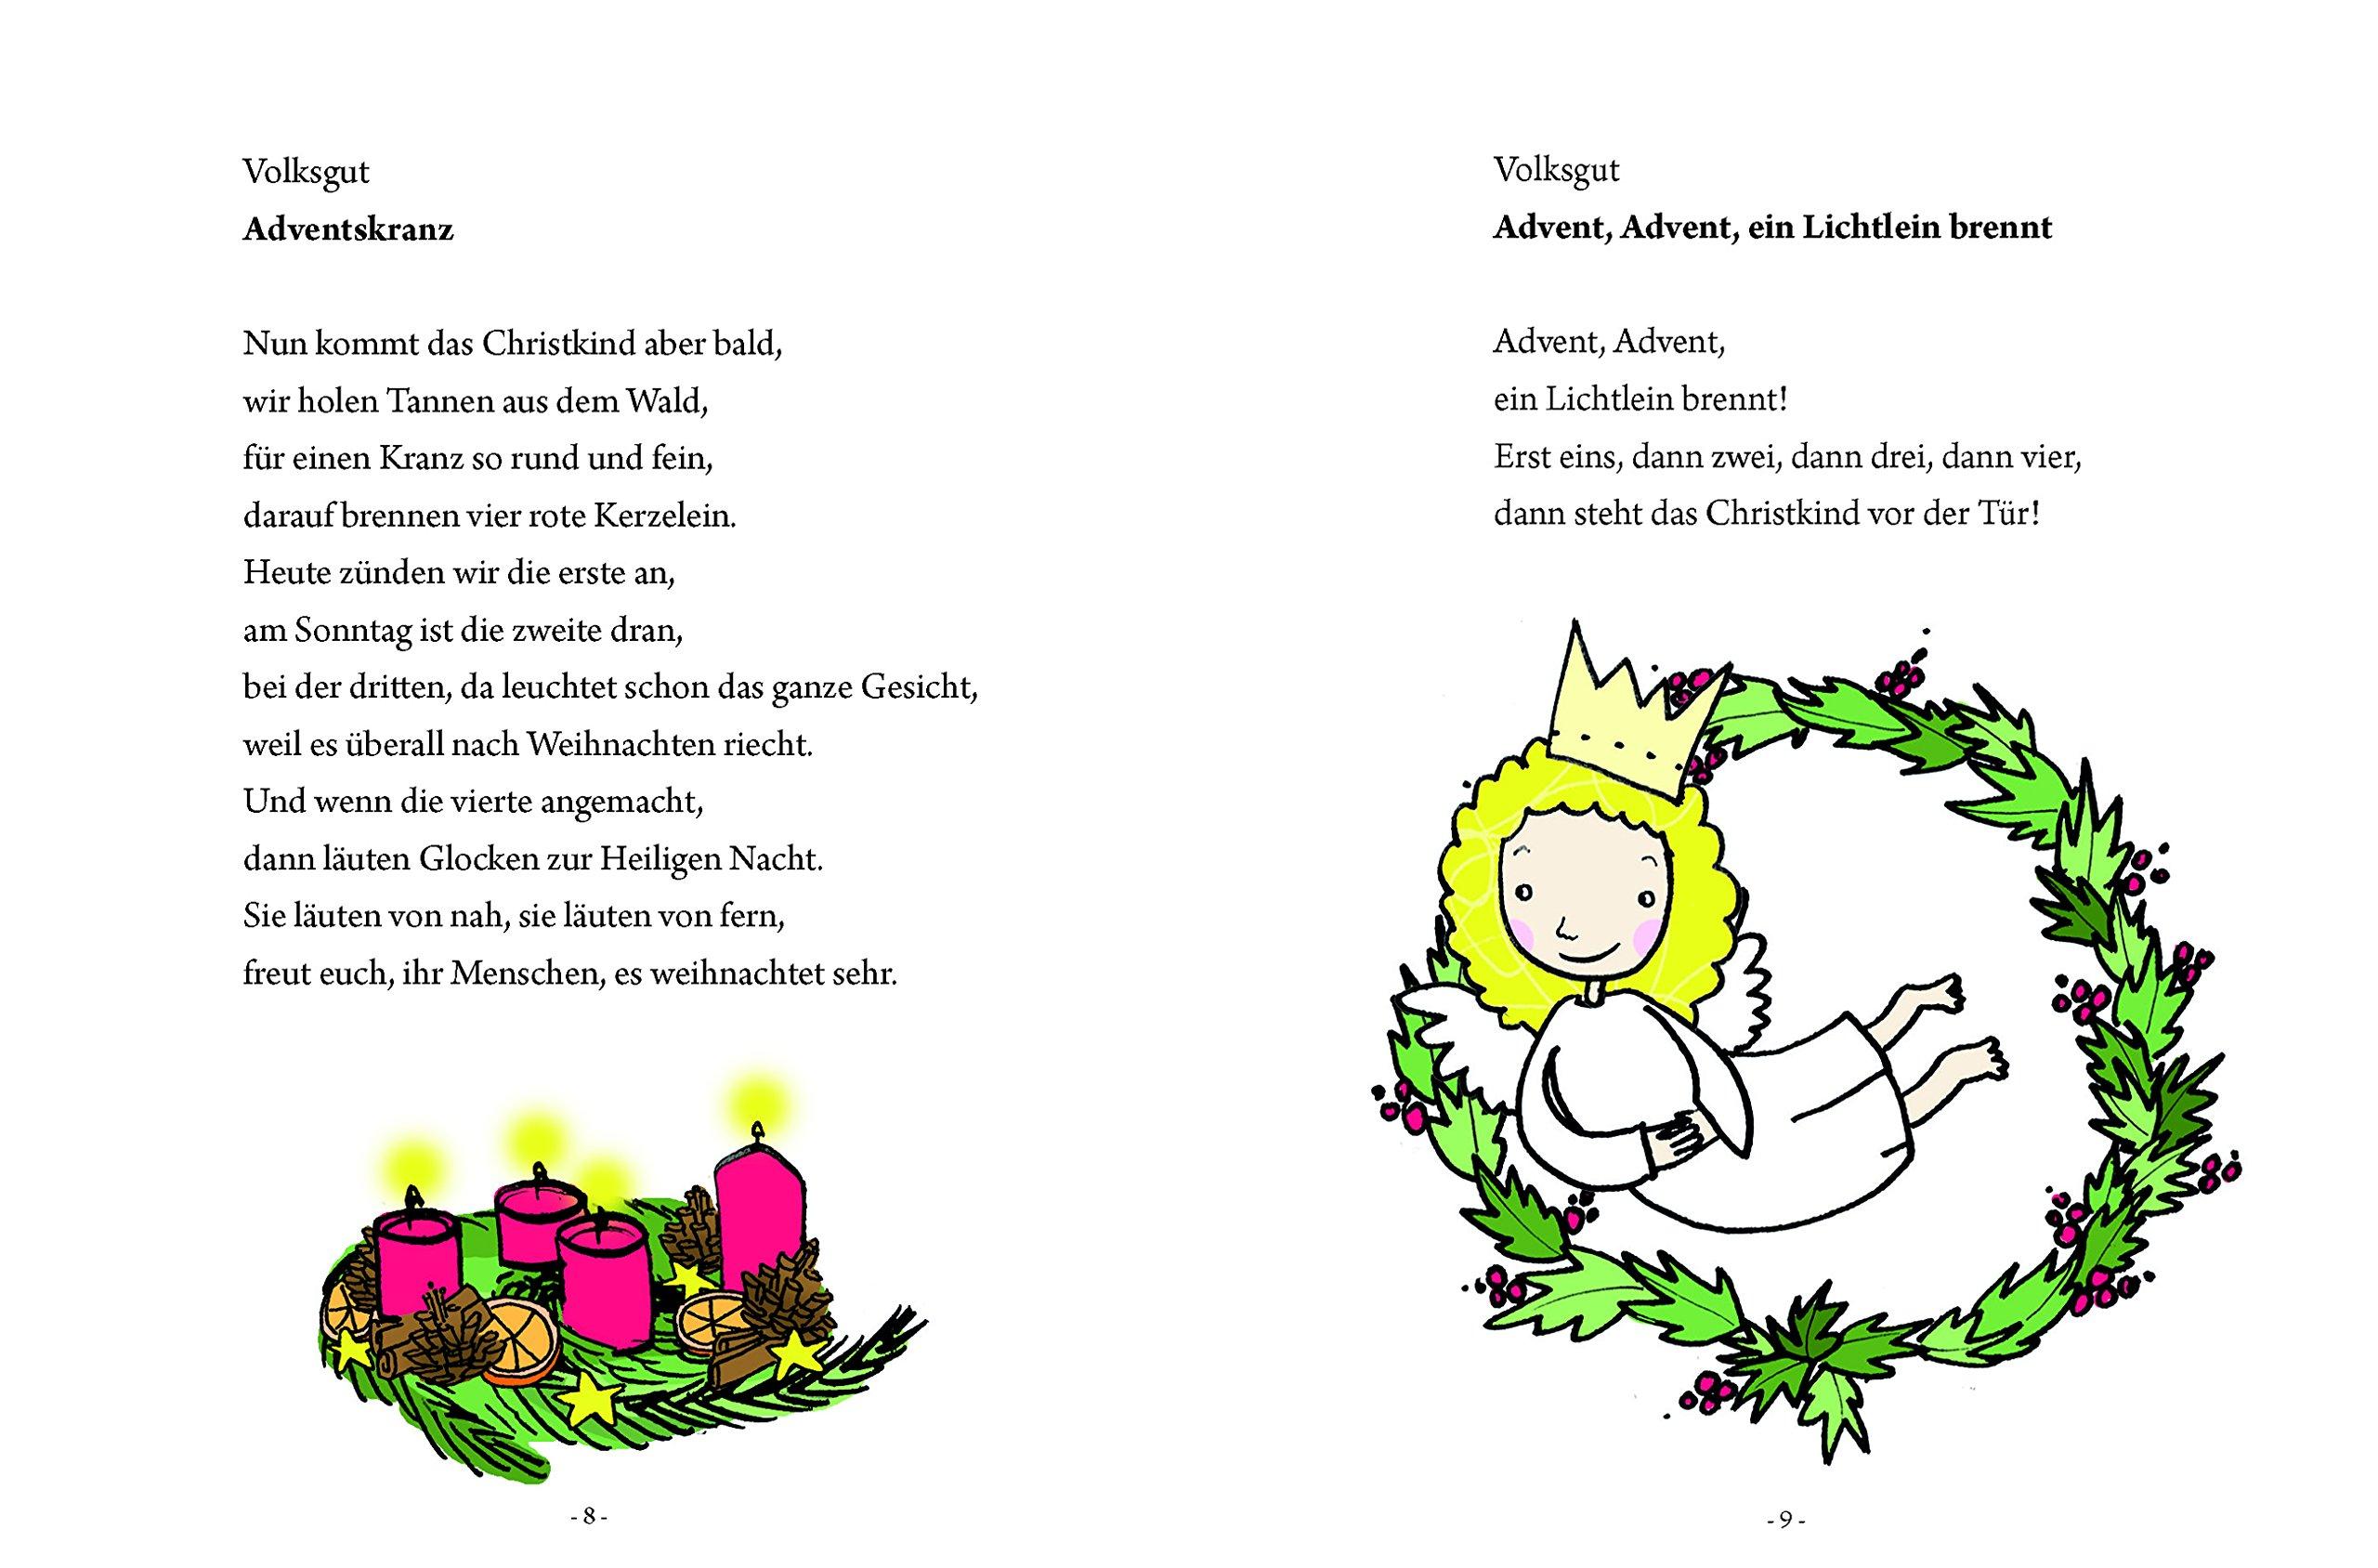 Weihnachtsgedichte Für Kinder Grundschule.Das Große Kleine Buch Weihnachtsgedichte Für Kinder Amazon Co Uk